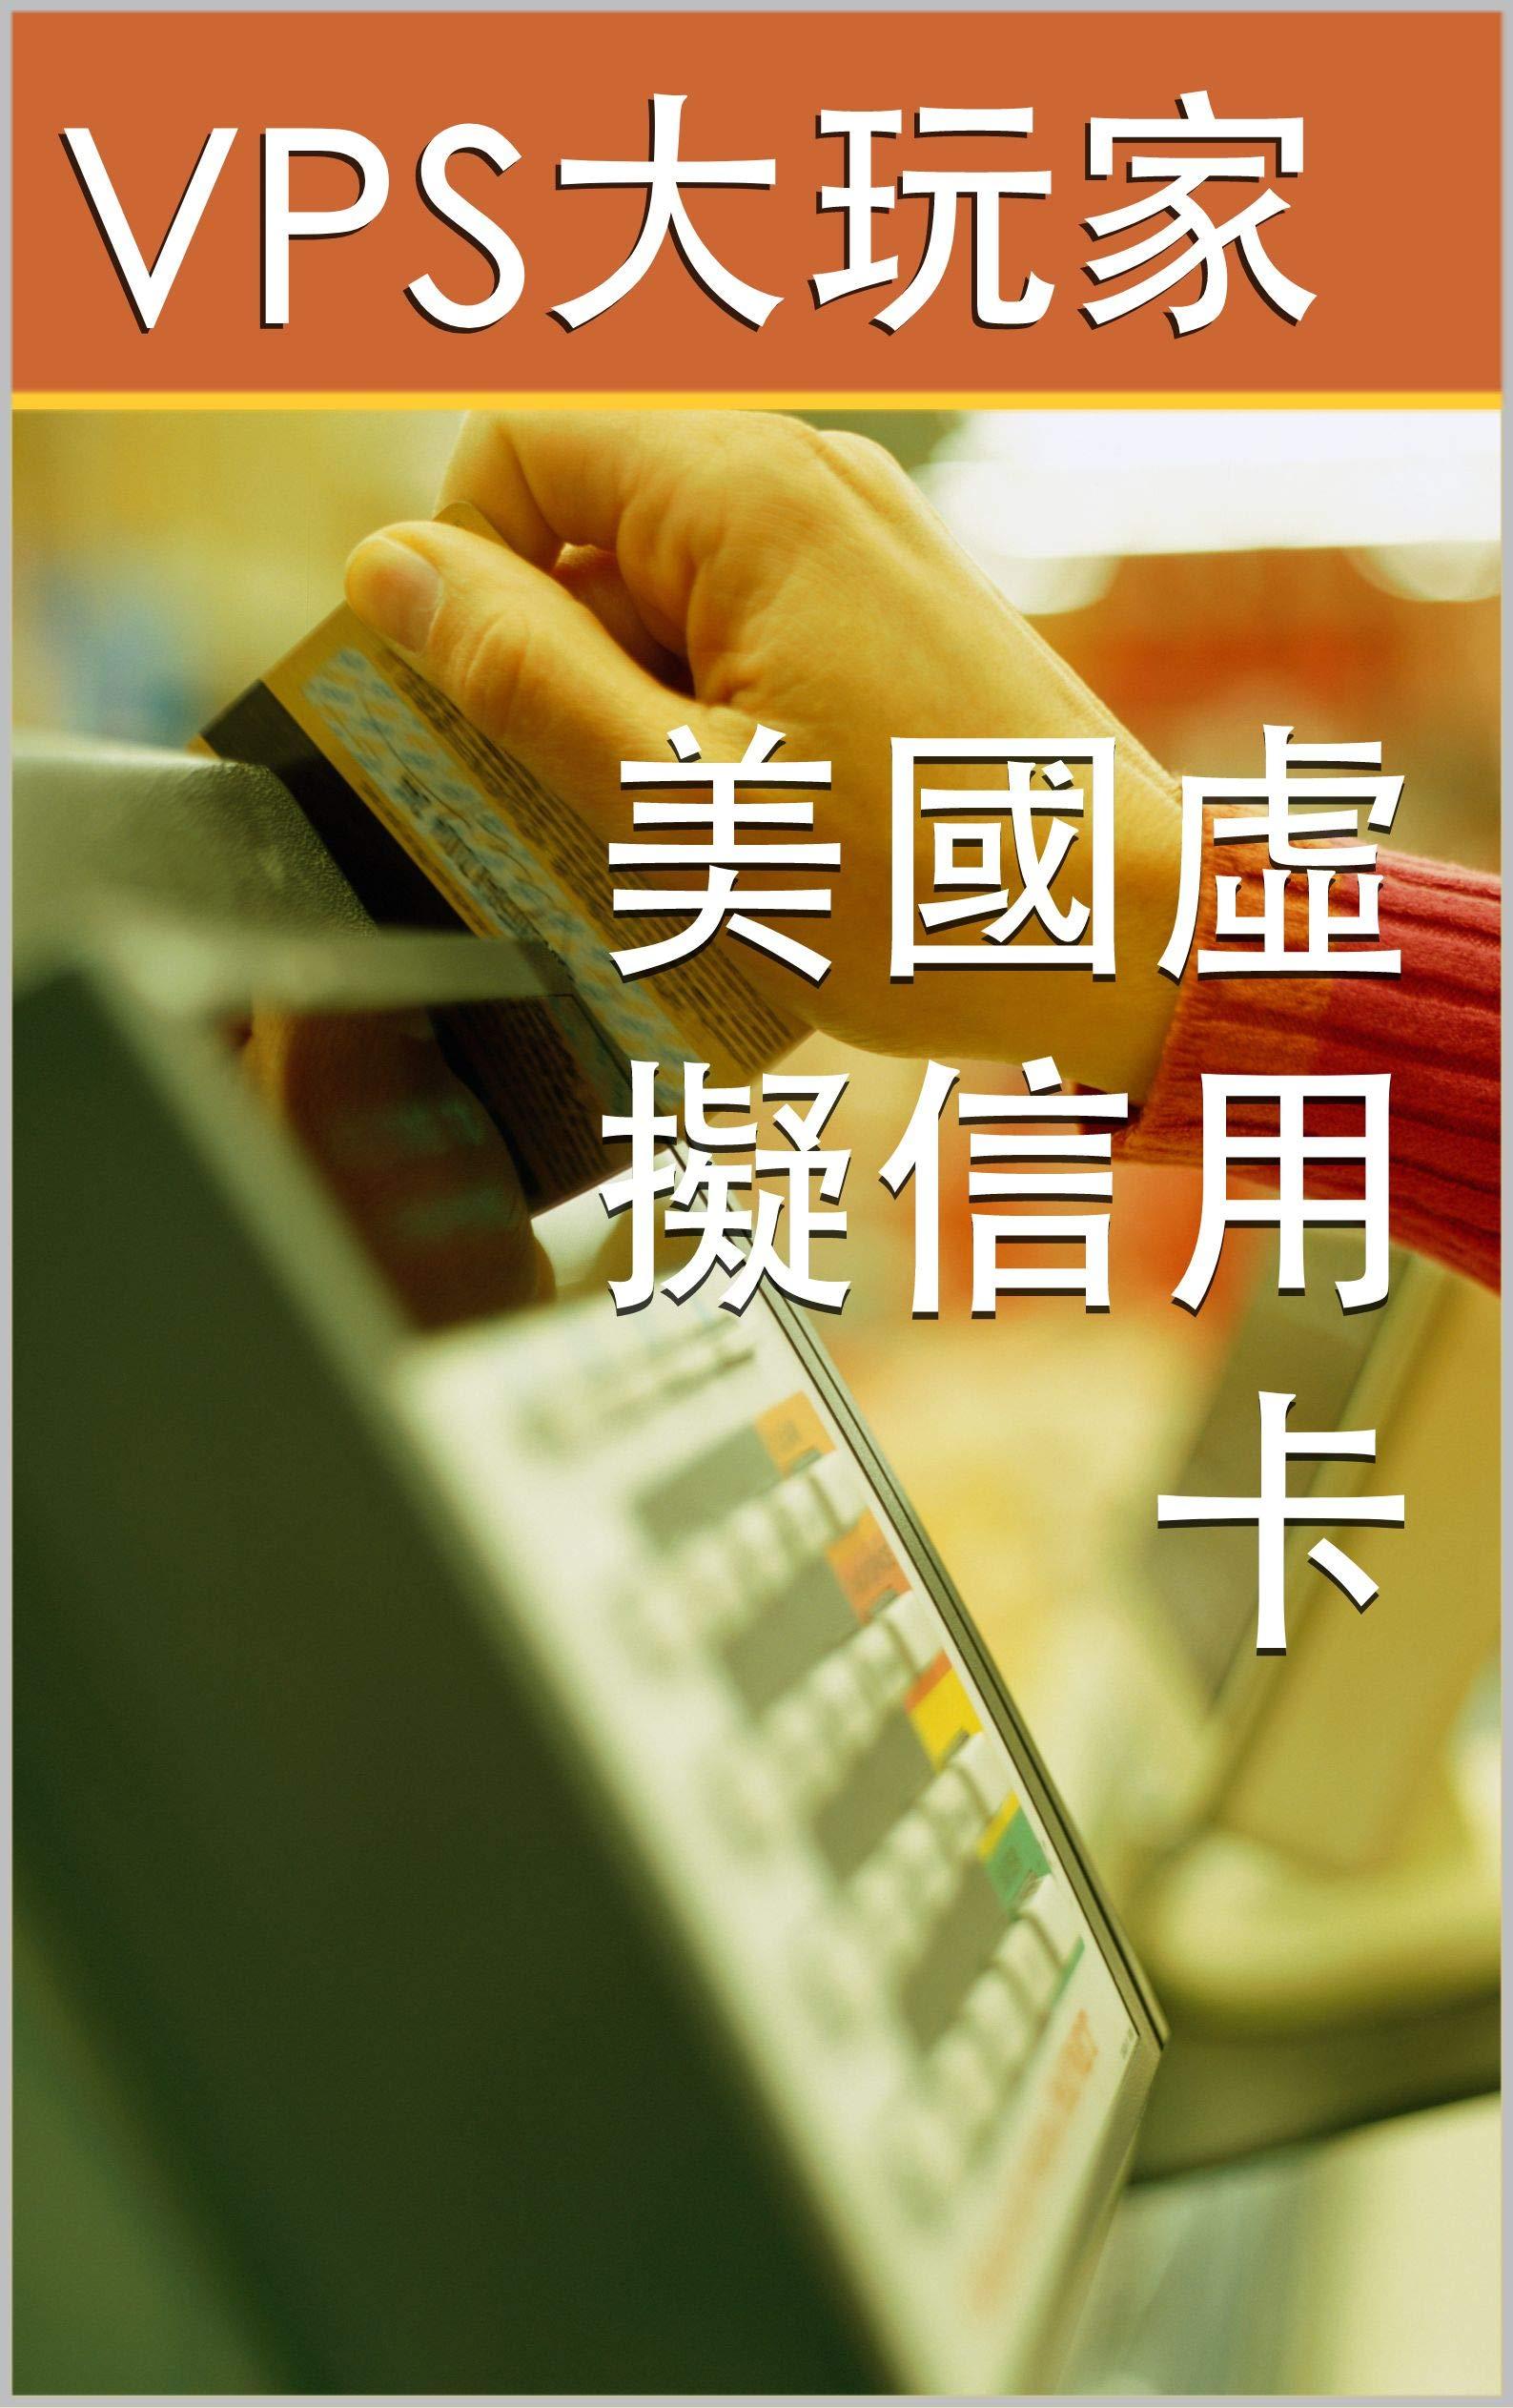 美國虛擬信用卡 (Traditional Chinese Edition)